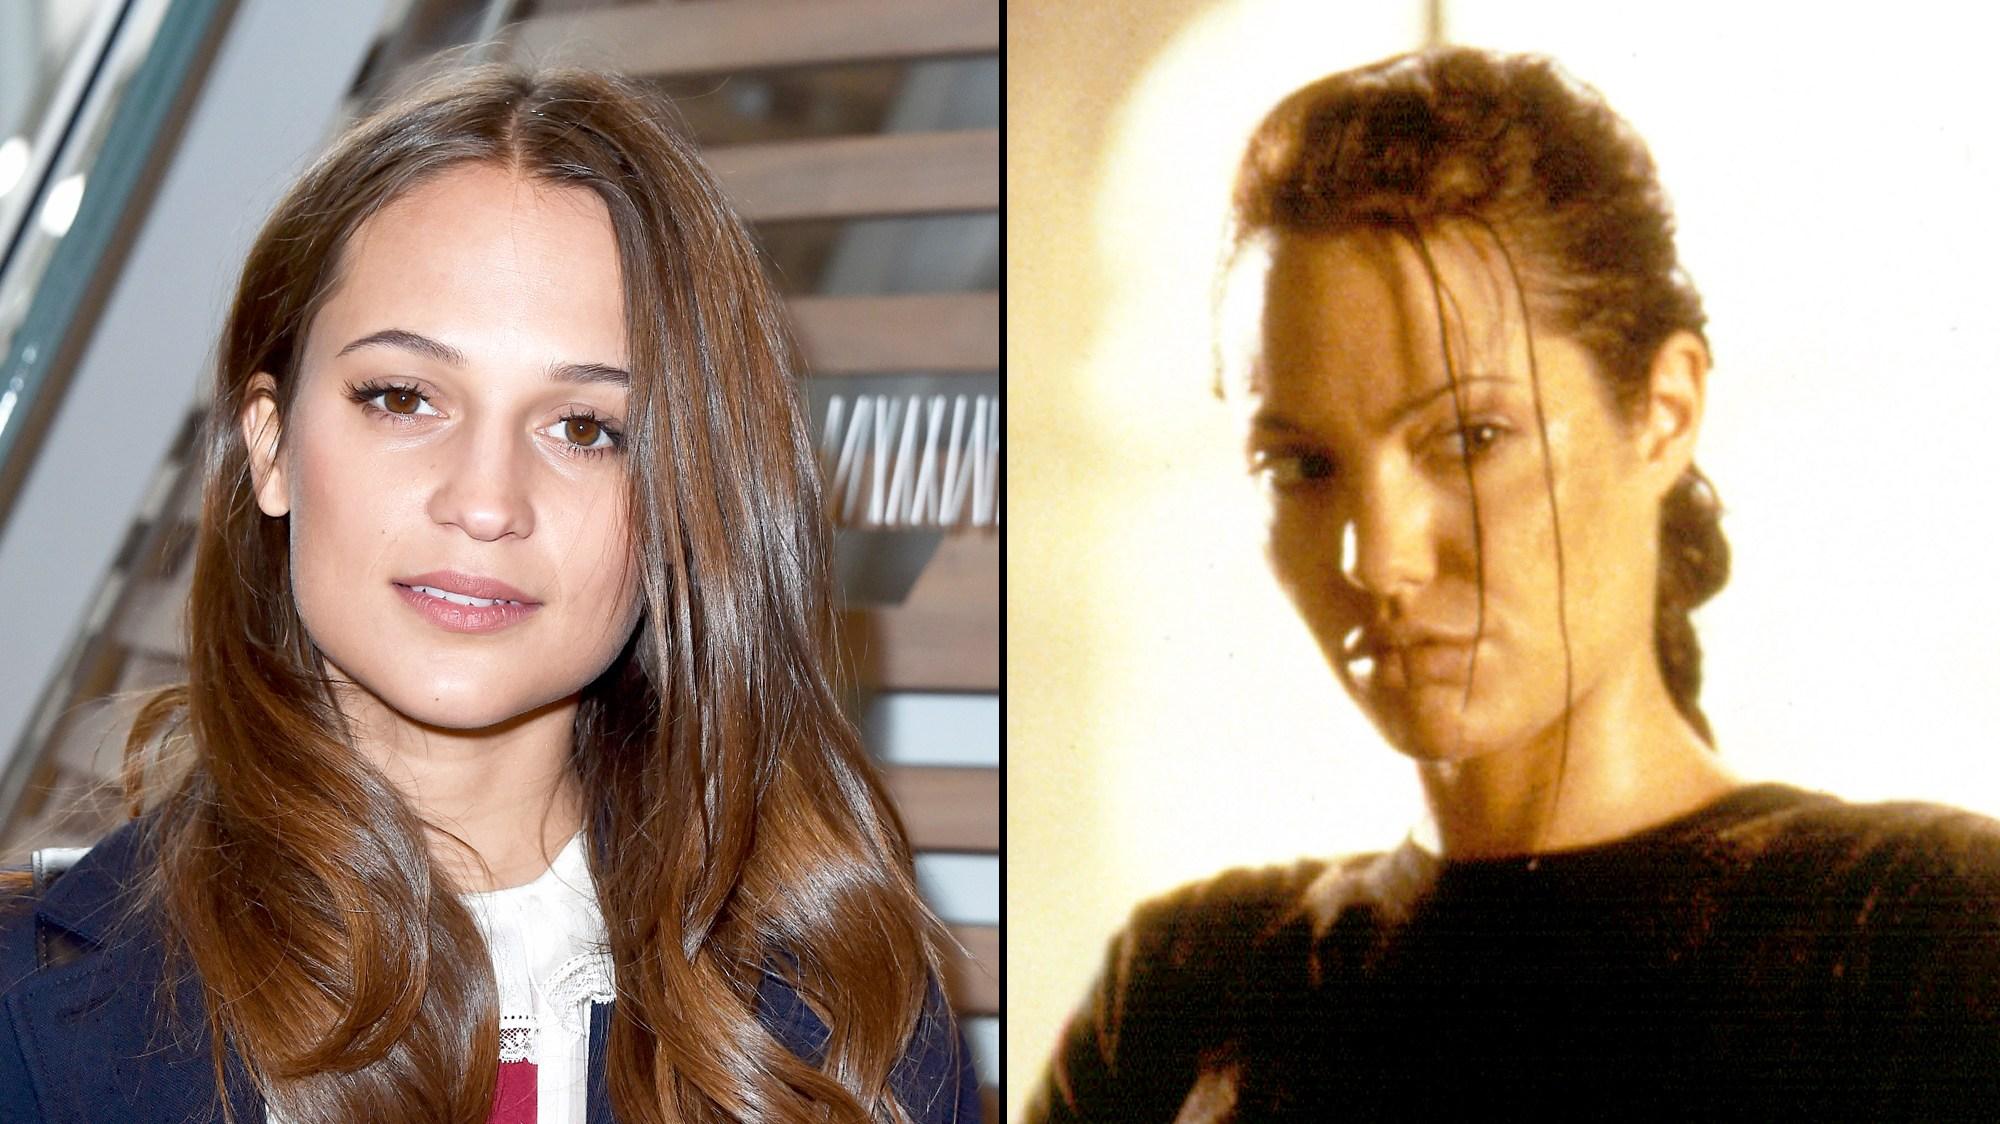 Alicia Vikander and Angelina